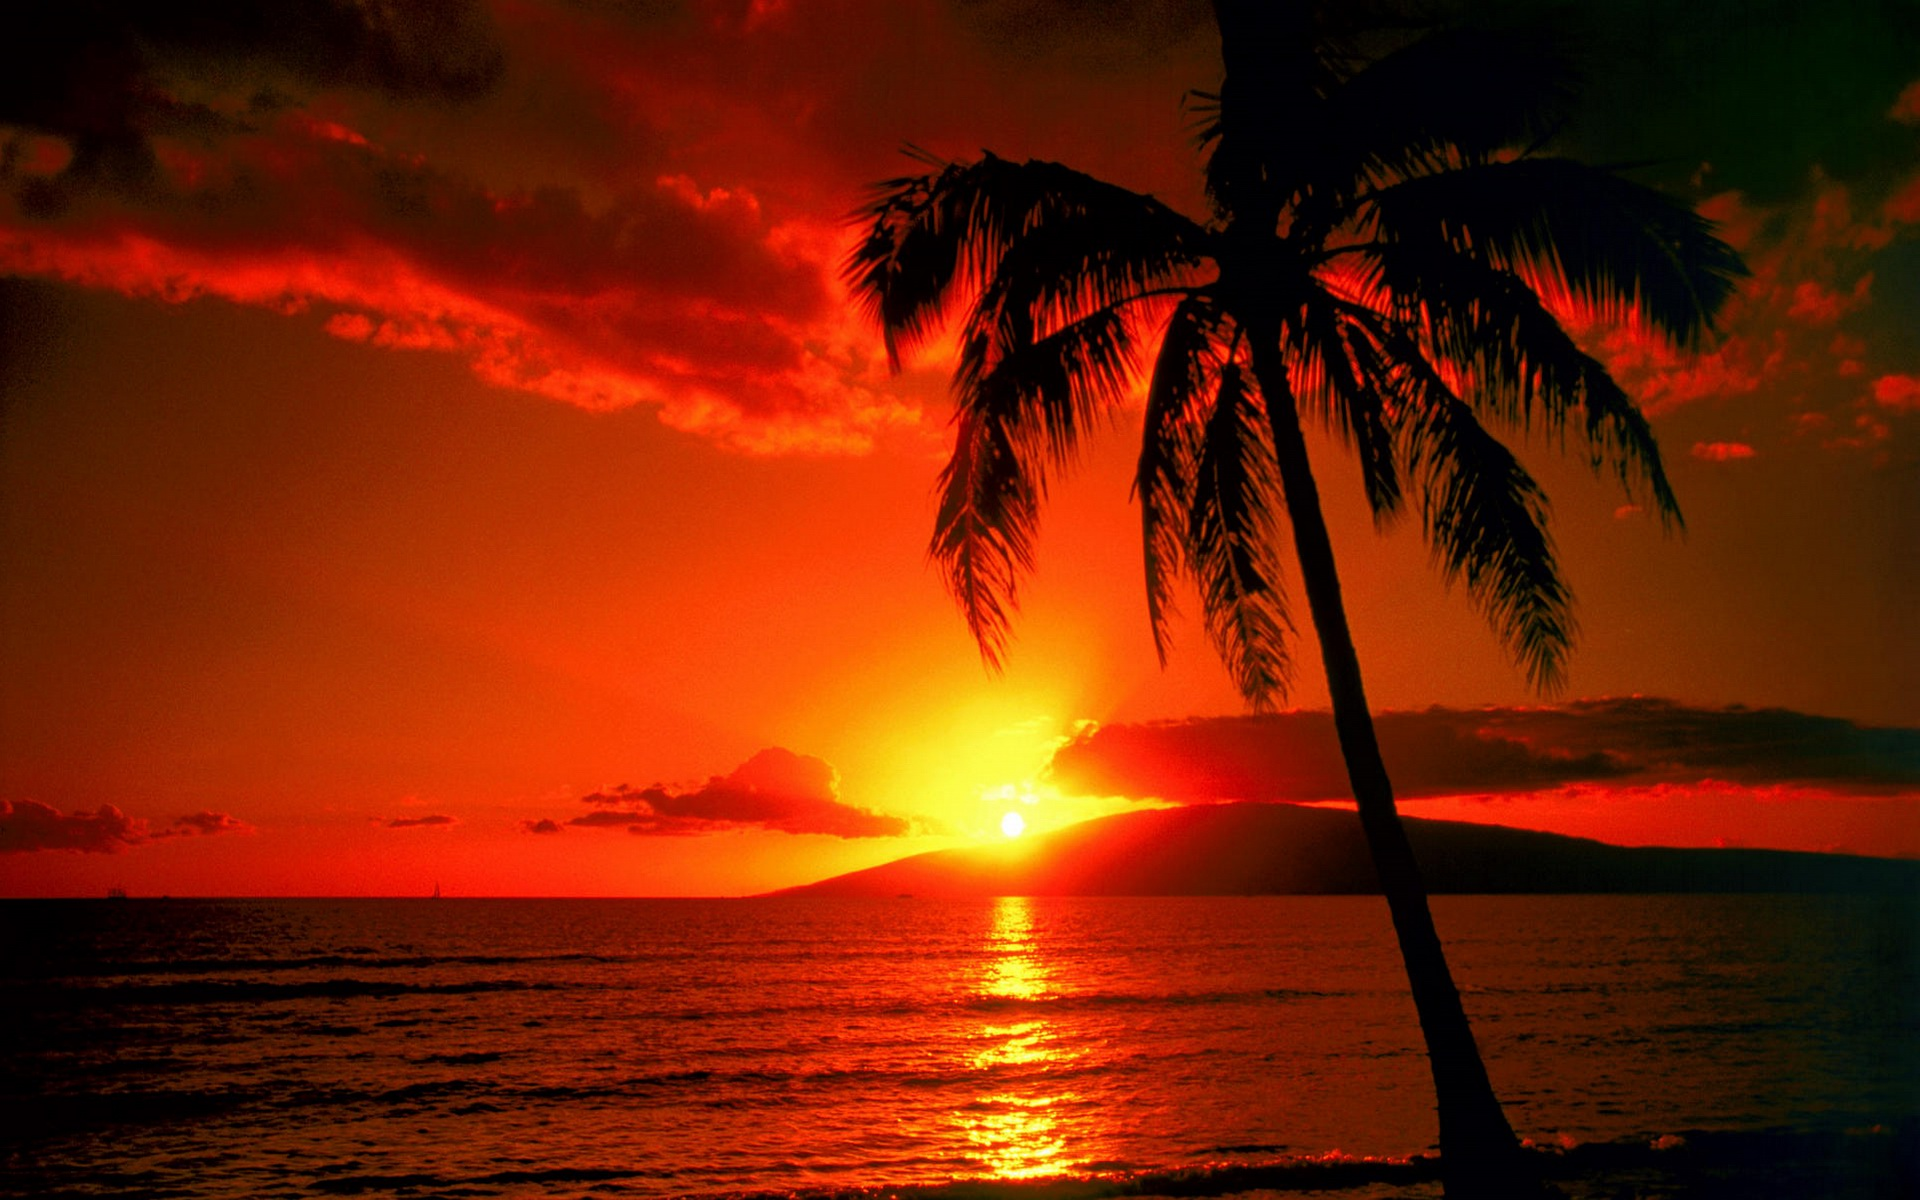 بالصور جمال غروب الشمس , من اجمل المناظر الطبيعية 3849 4